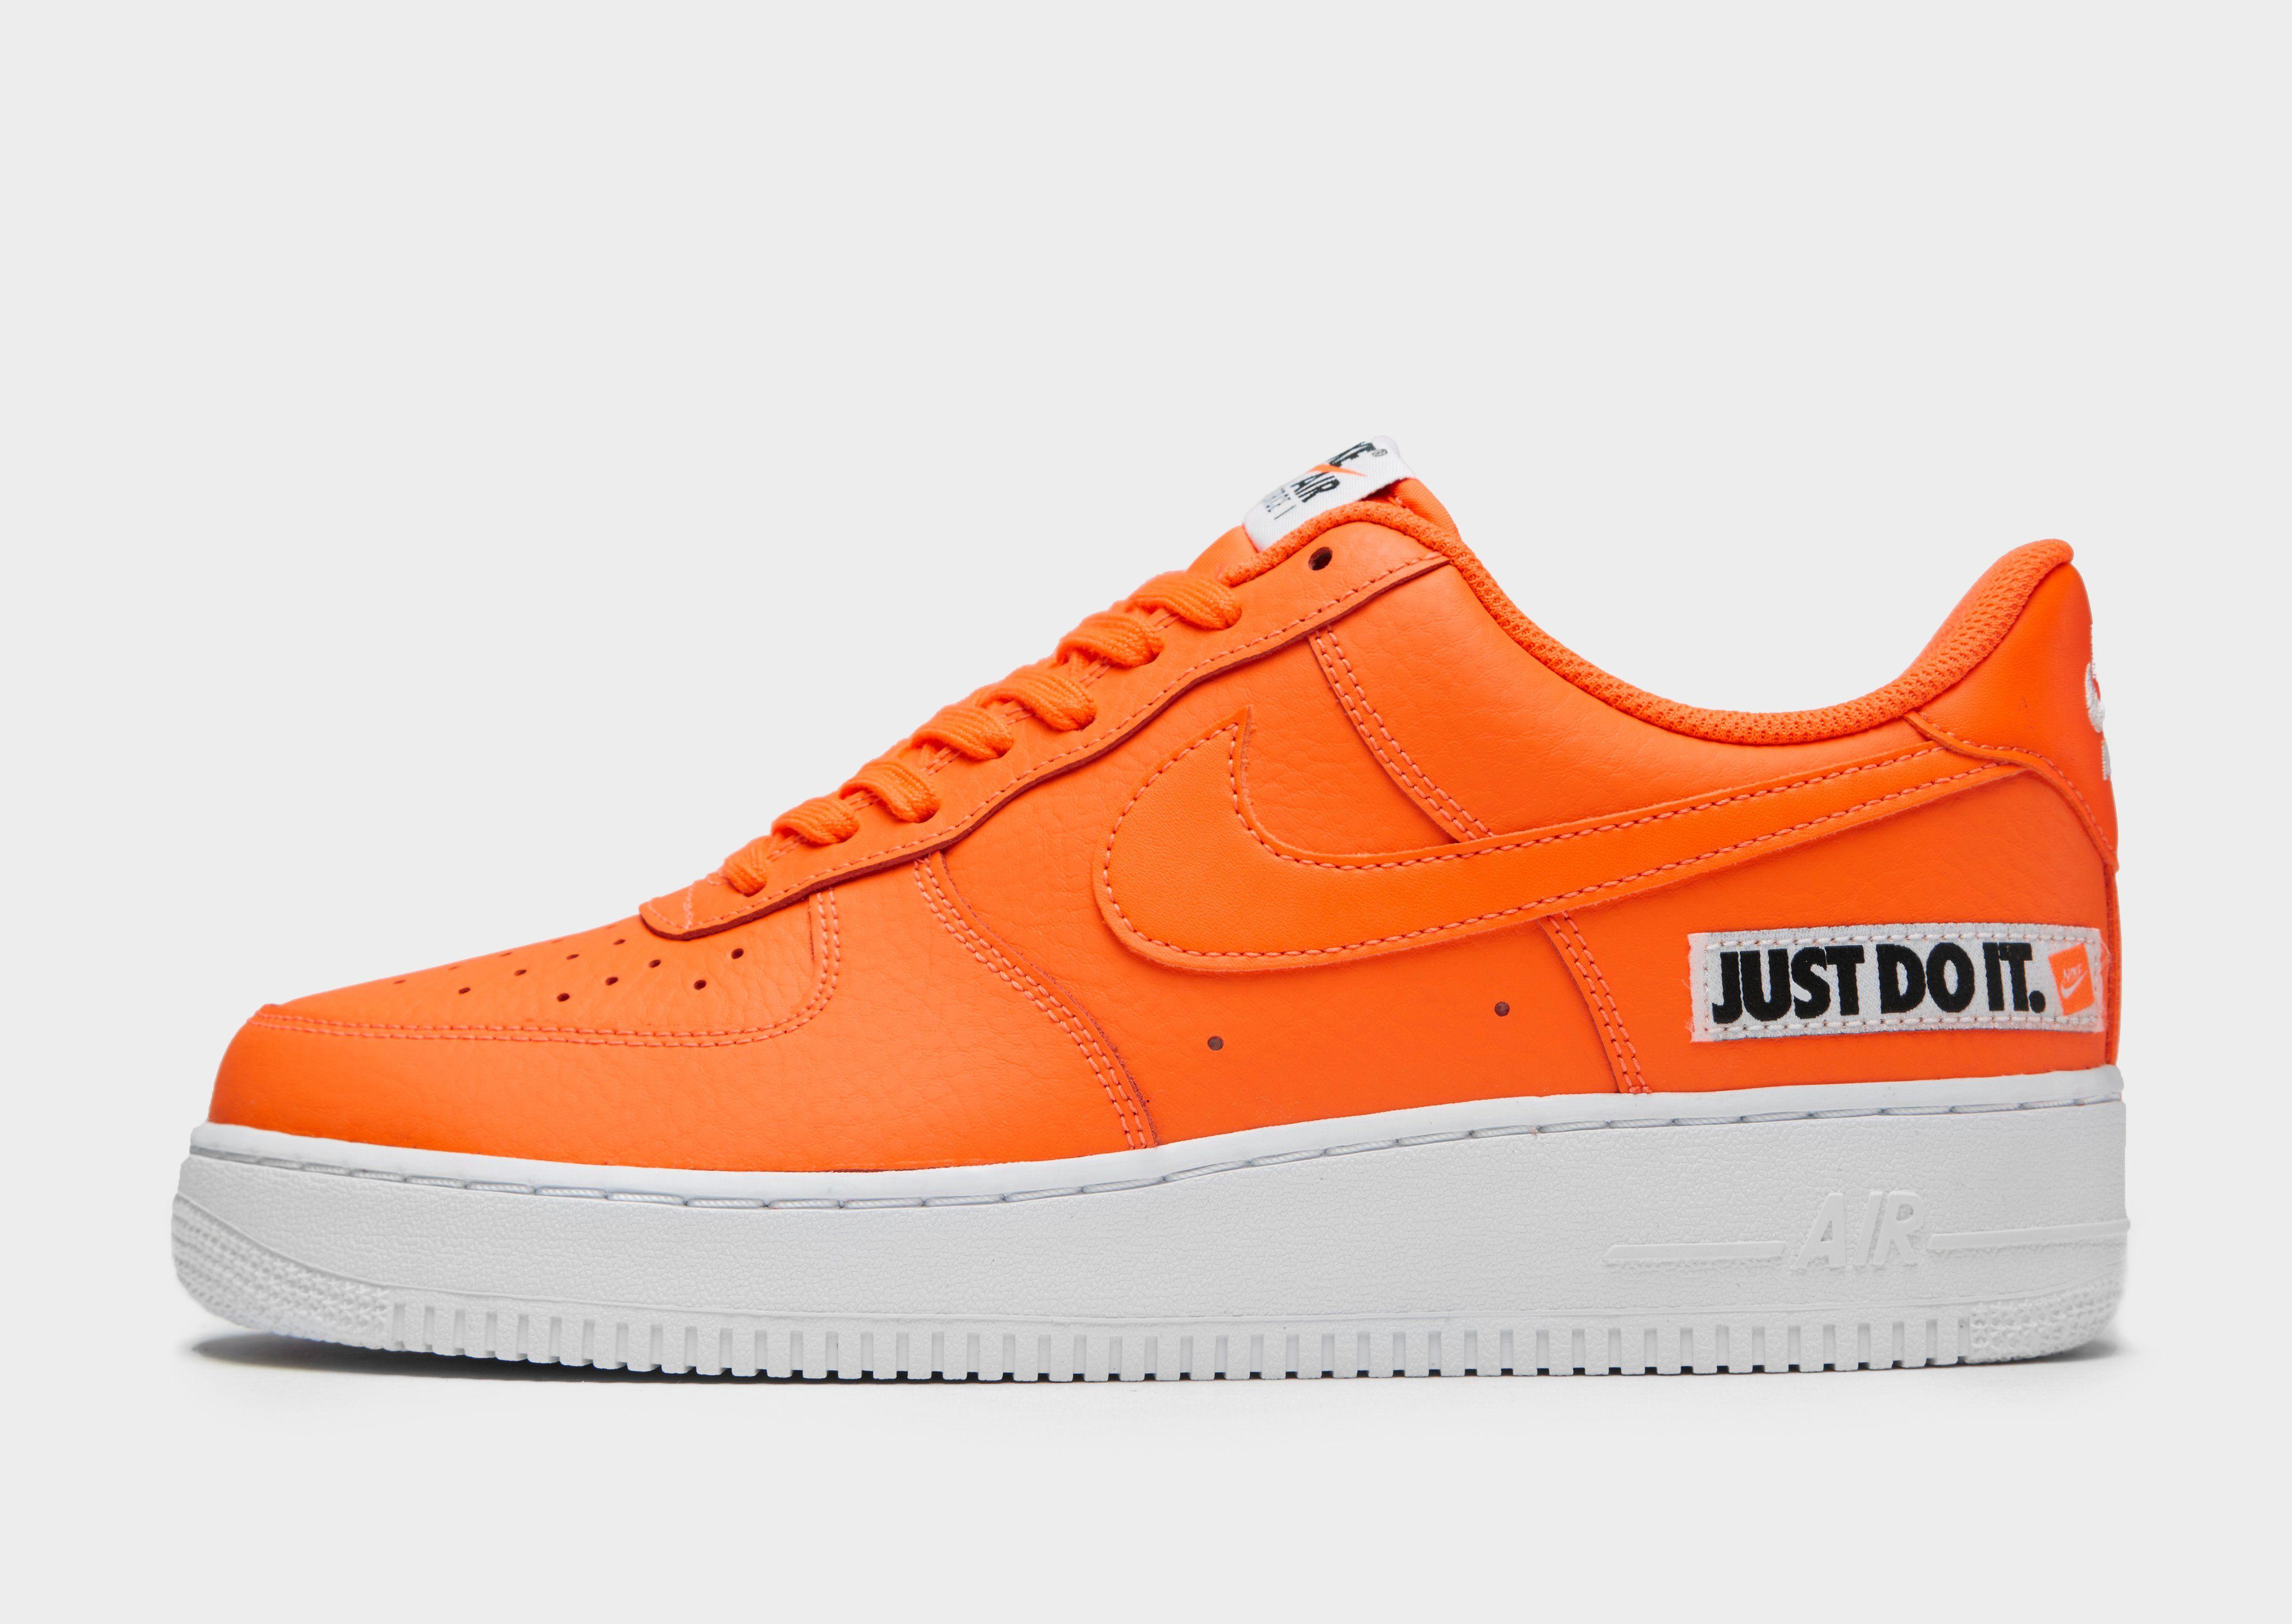 Nike Air Force 1 Sports Low 'Just Do It'   JD Sports 1 d2fbc4